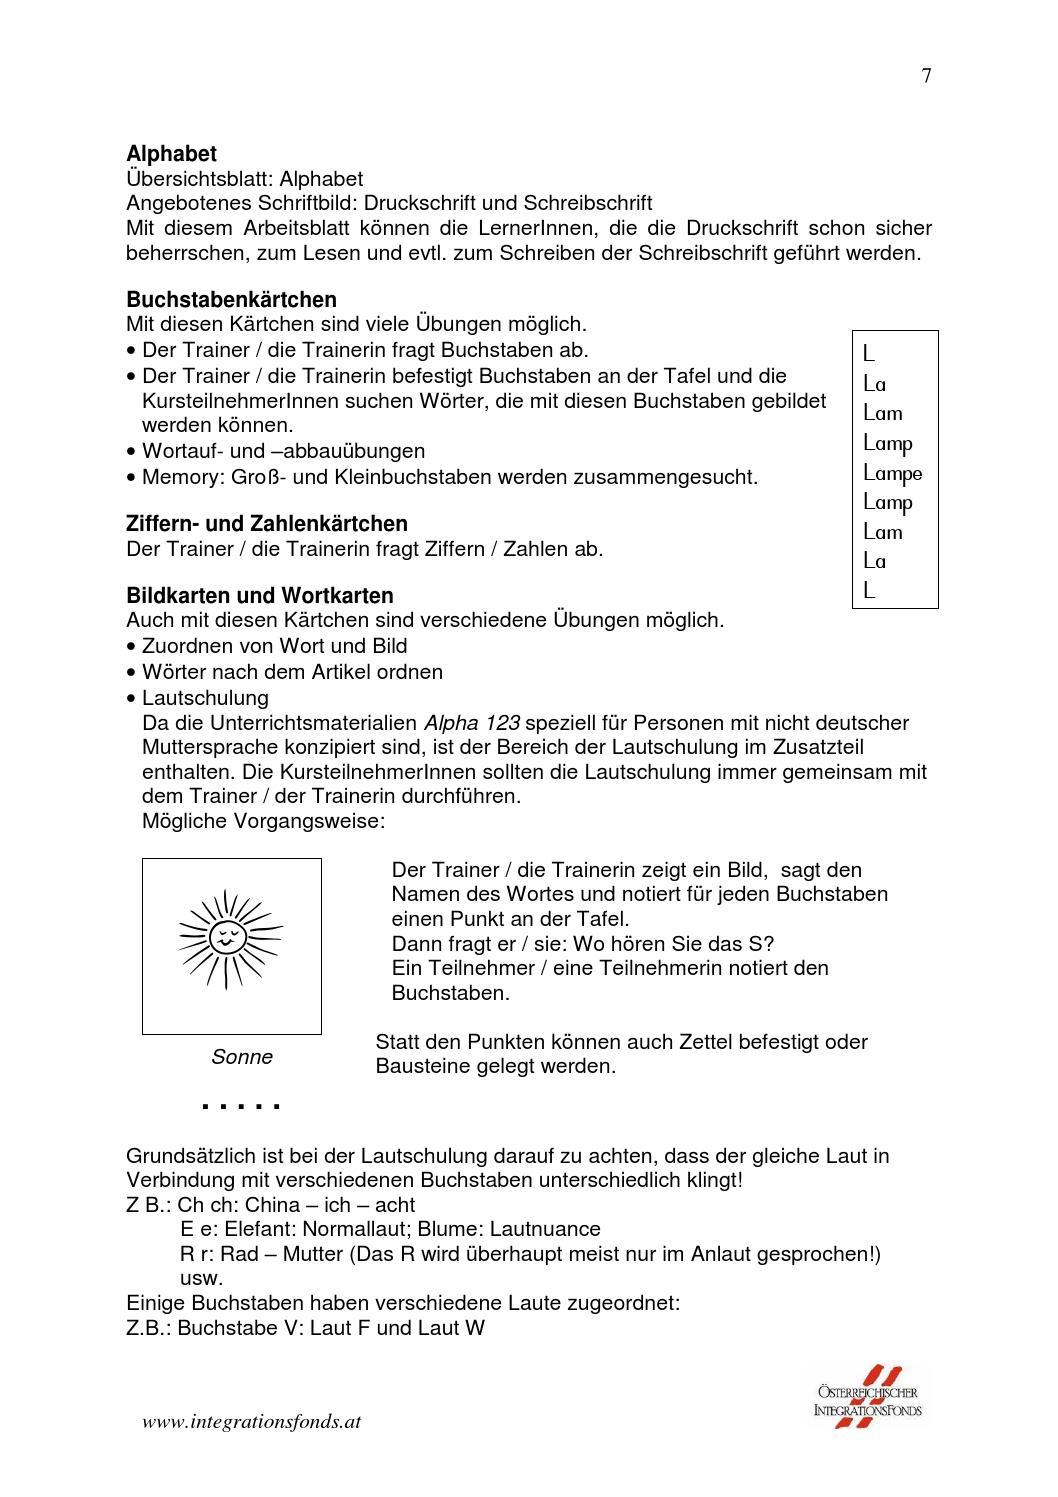 Famous S Und Z Klingt Arbeitsblatt Gift - Kindergarten Arbeitsblatt ...